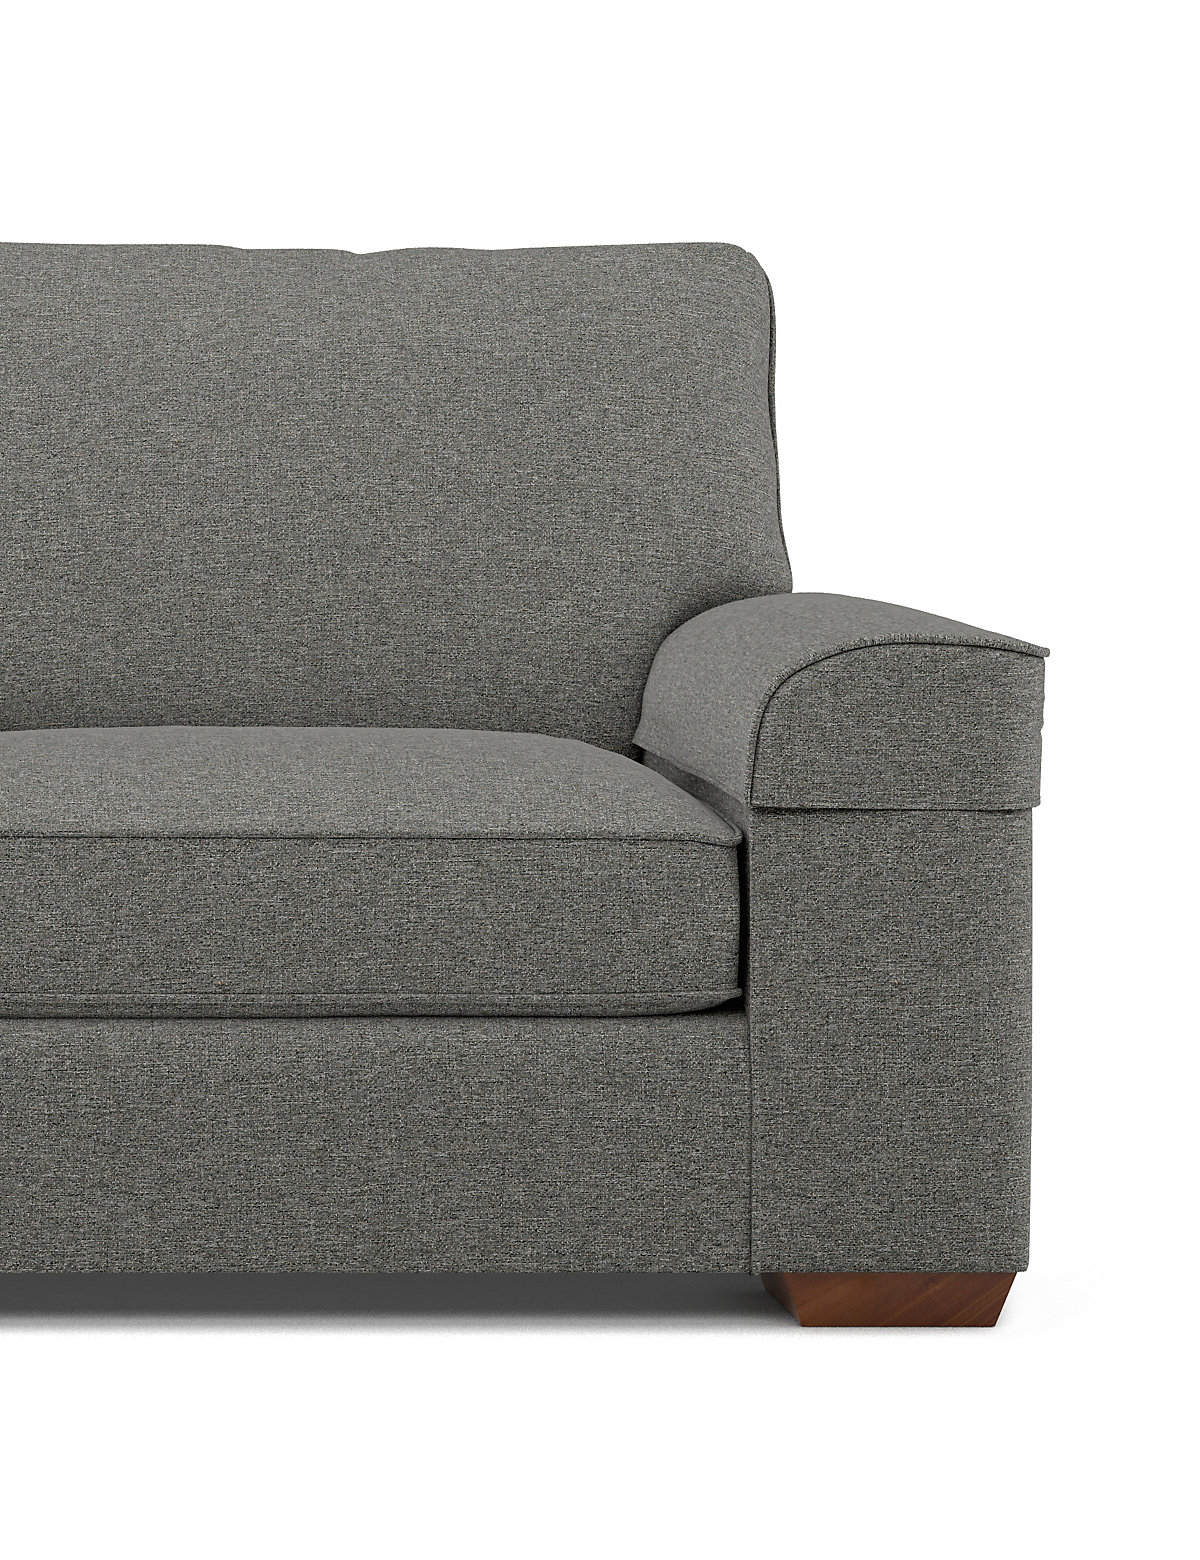 nantucket sofa arm caps